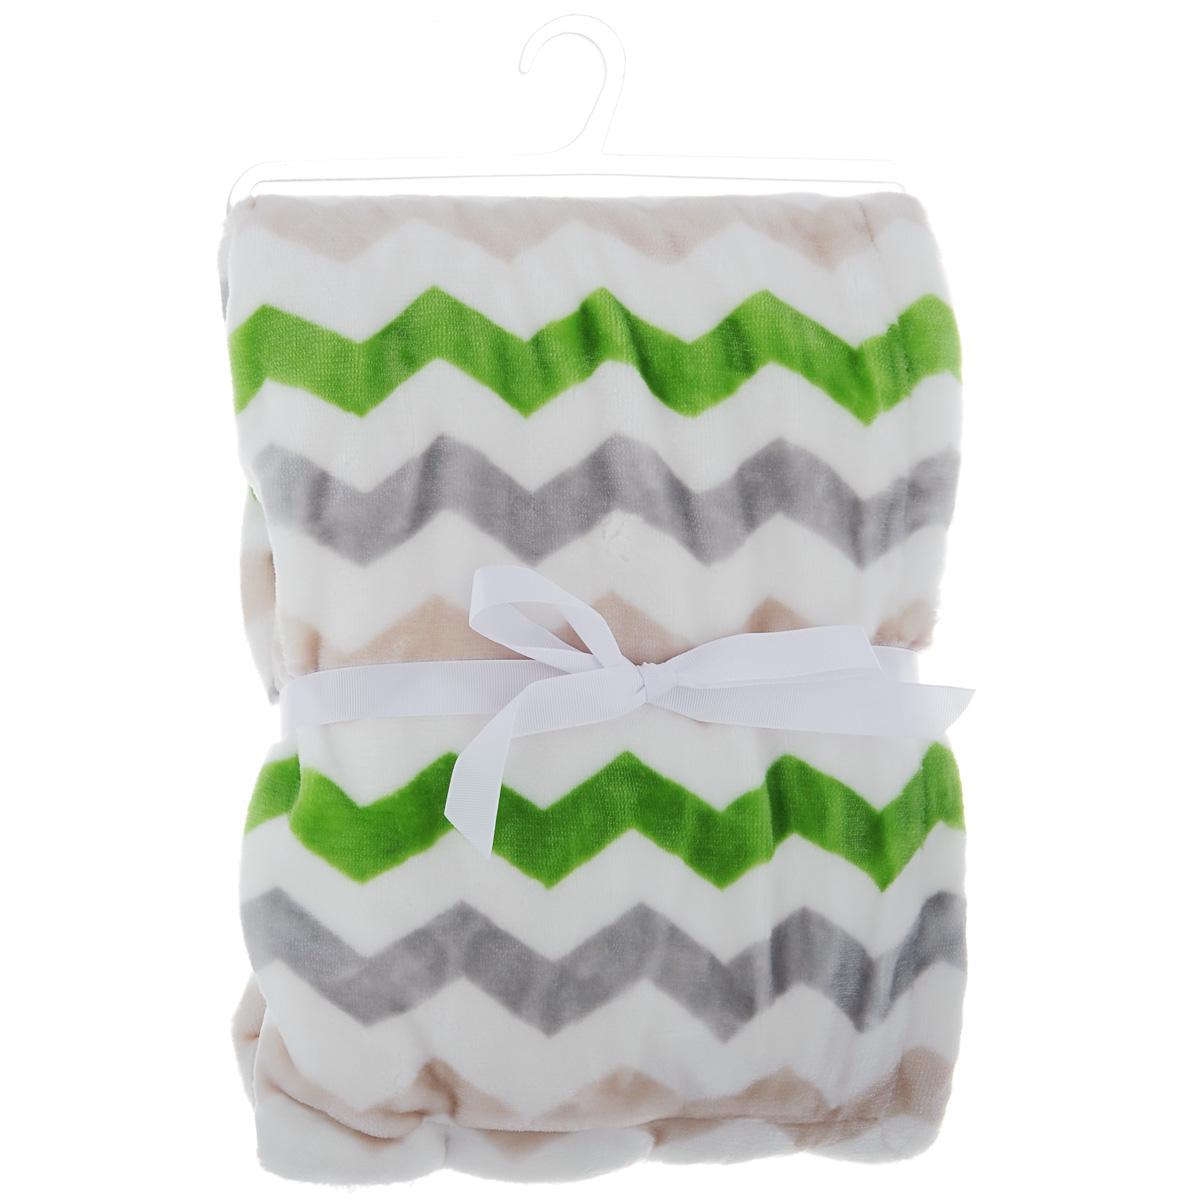 Плед Baby Days, цвет: зеленый, 76 см х 101 см0220-401 TNDСтирка при температуре не более 30°С. Деликатный отжим. Не отбеливать. Не гладить. Сухая чистка запрещена. Сушка в барабане при более низкой t